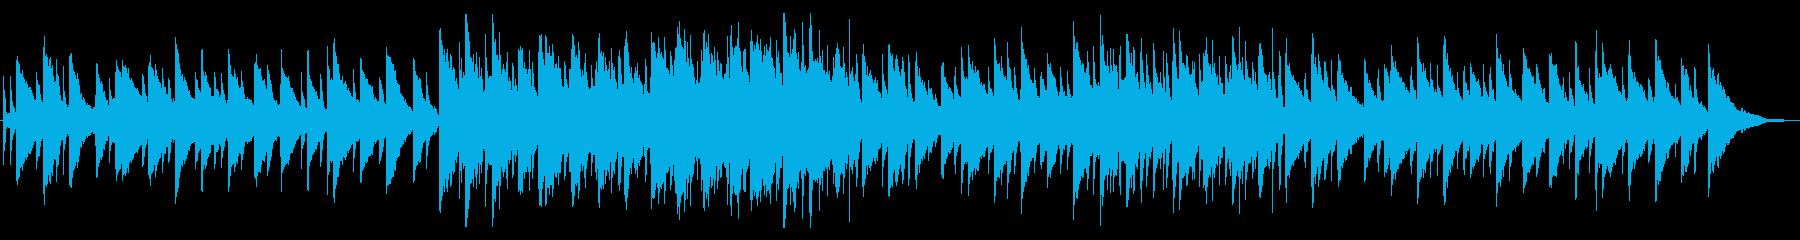 優しいピアノBGMの再生済みの波形